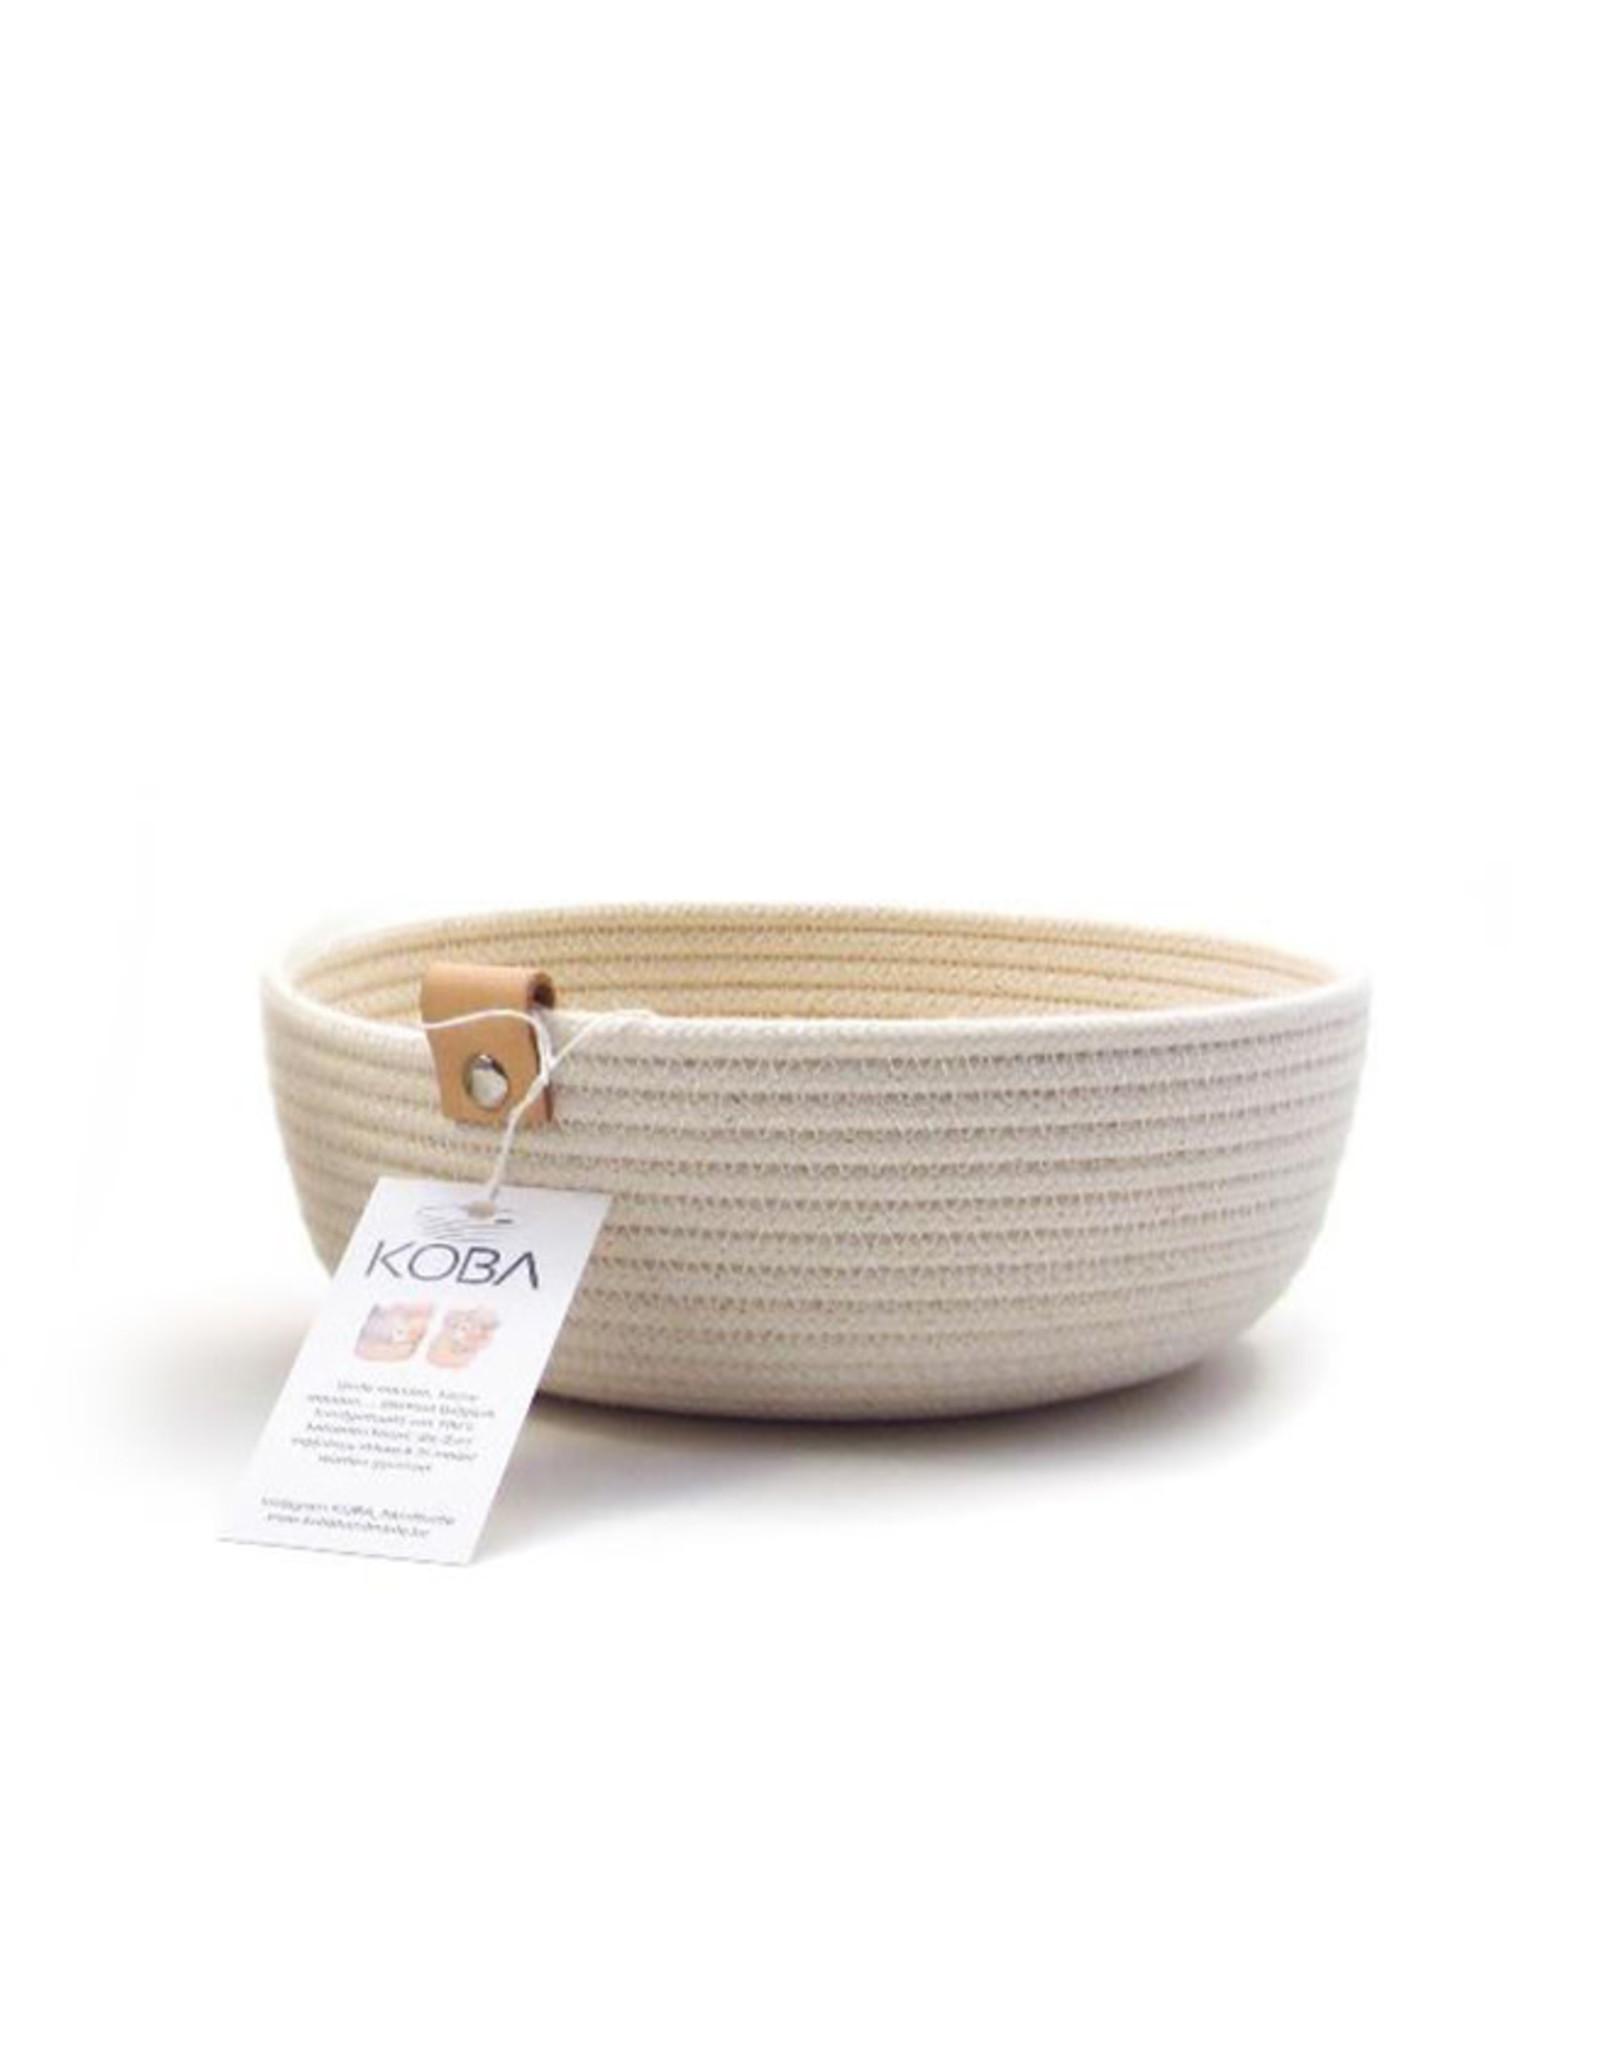 Koba Handmade Bowl Medium Low-ecru 25x7cm